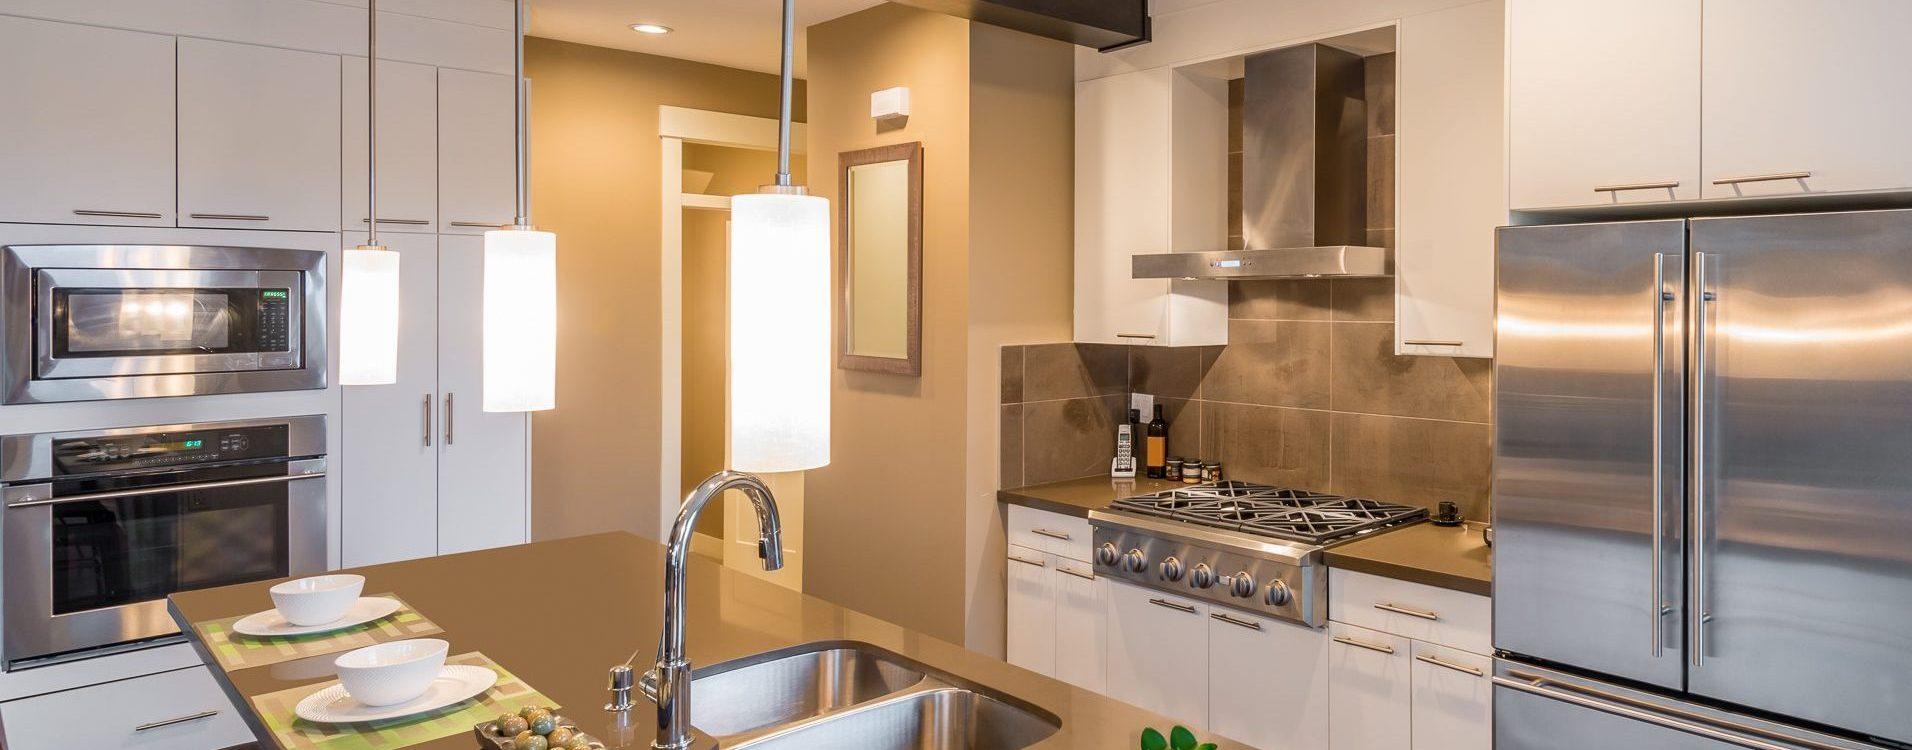 Montáž vstavaných kuchynských elektrospotrebičov a svietidiel